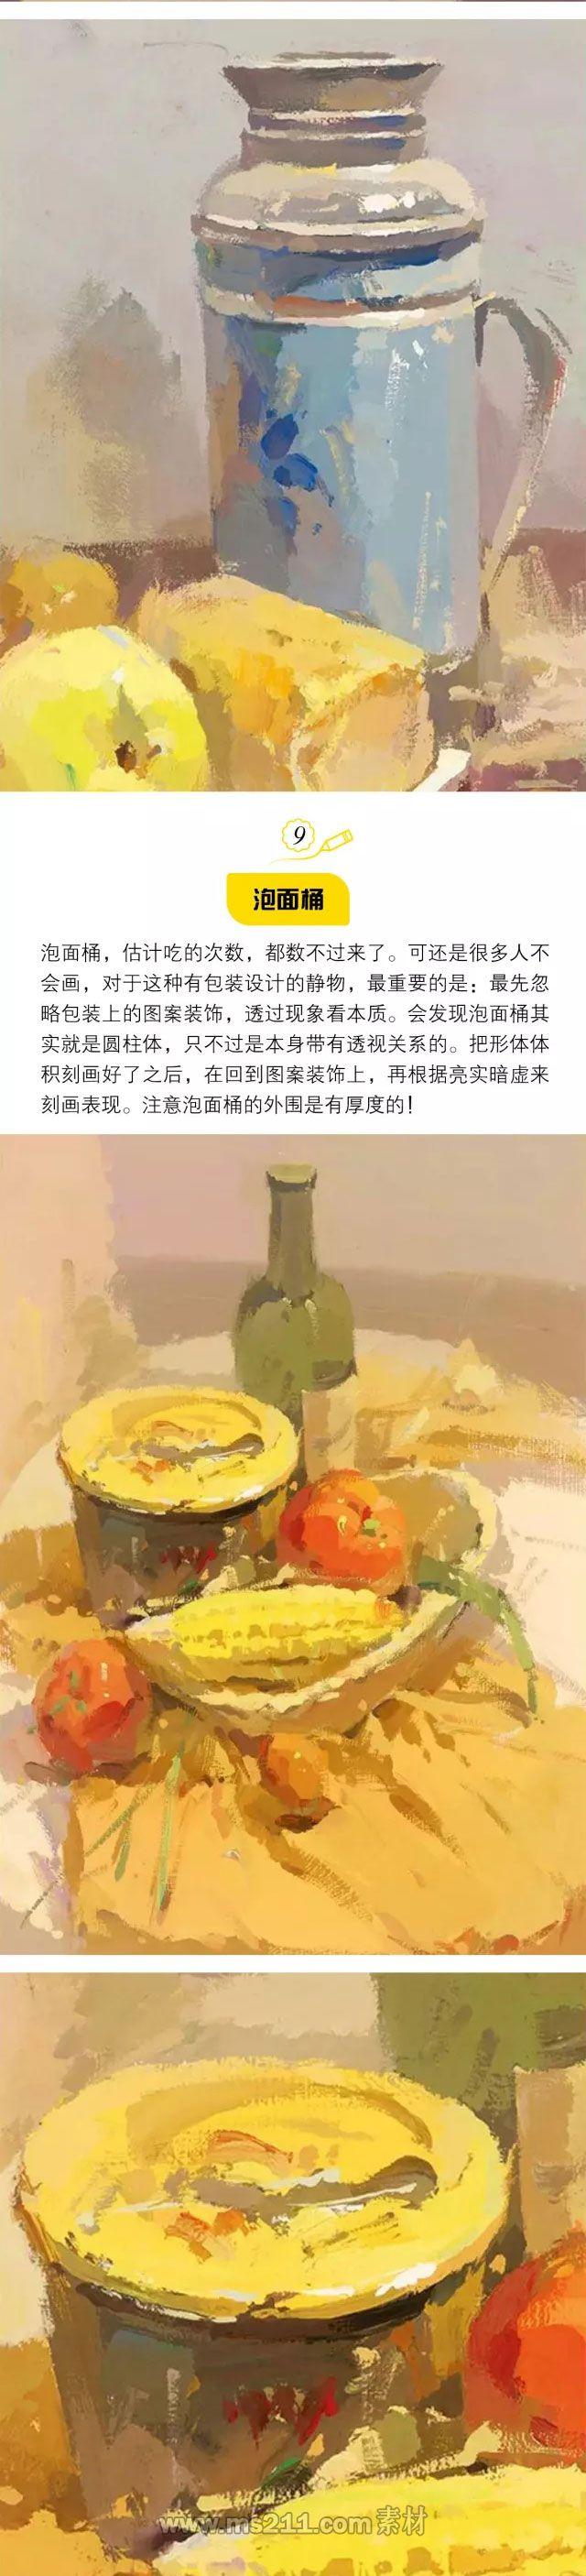 色彩静物:不常画的物体该怎么应对?(下)_03.jpg